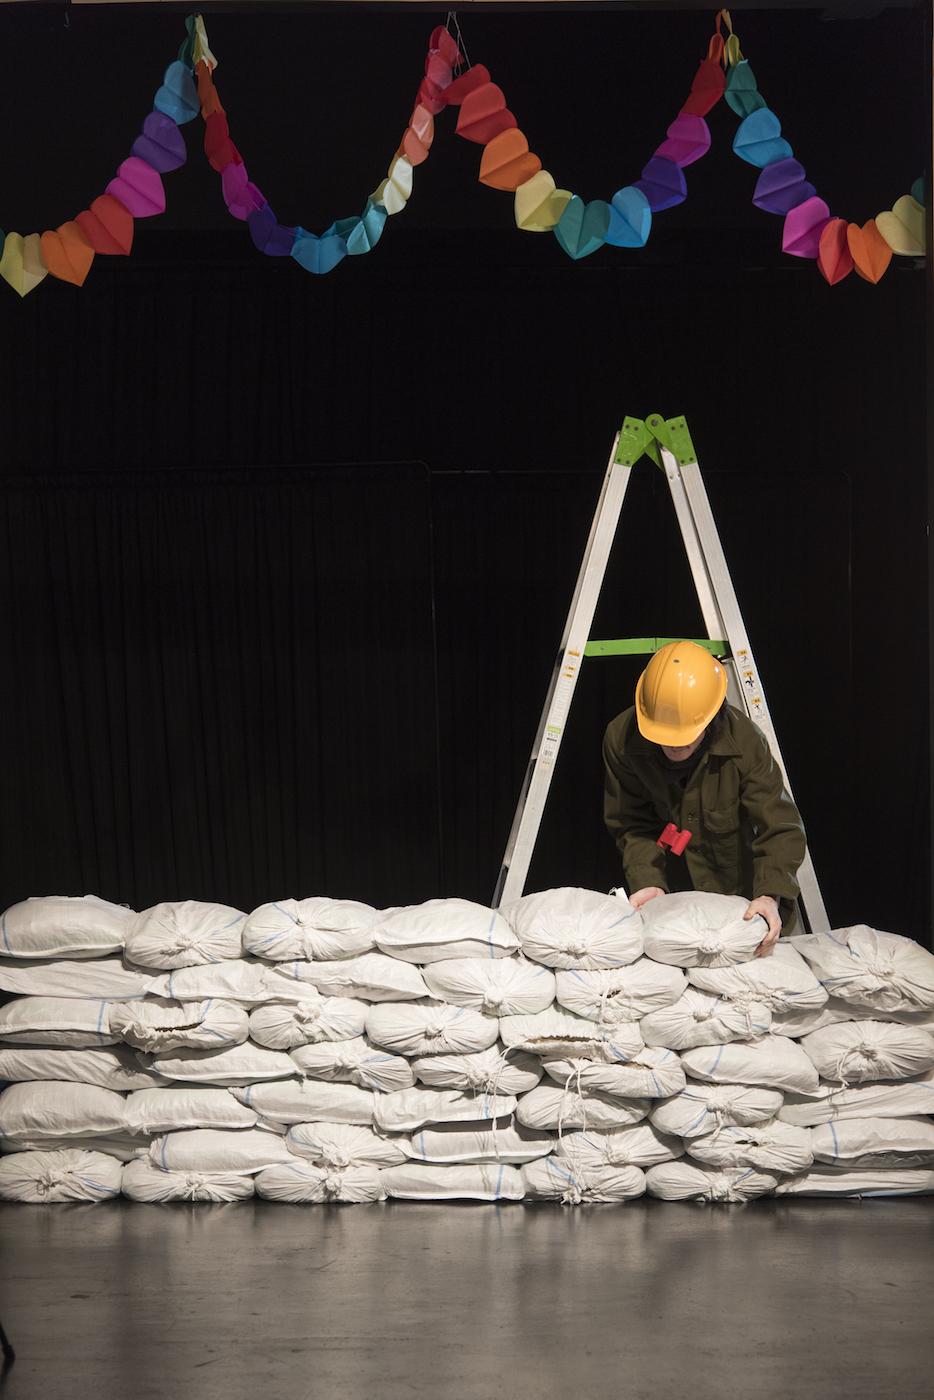 《第四の壁》2017-18 プロダクションショット 撮影:加藤甫